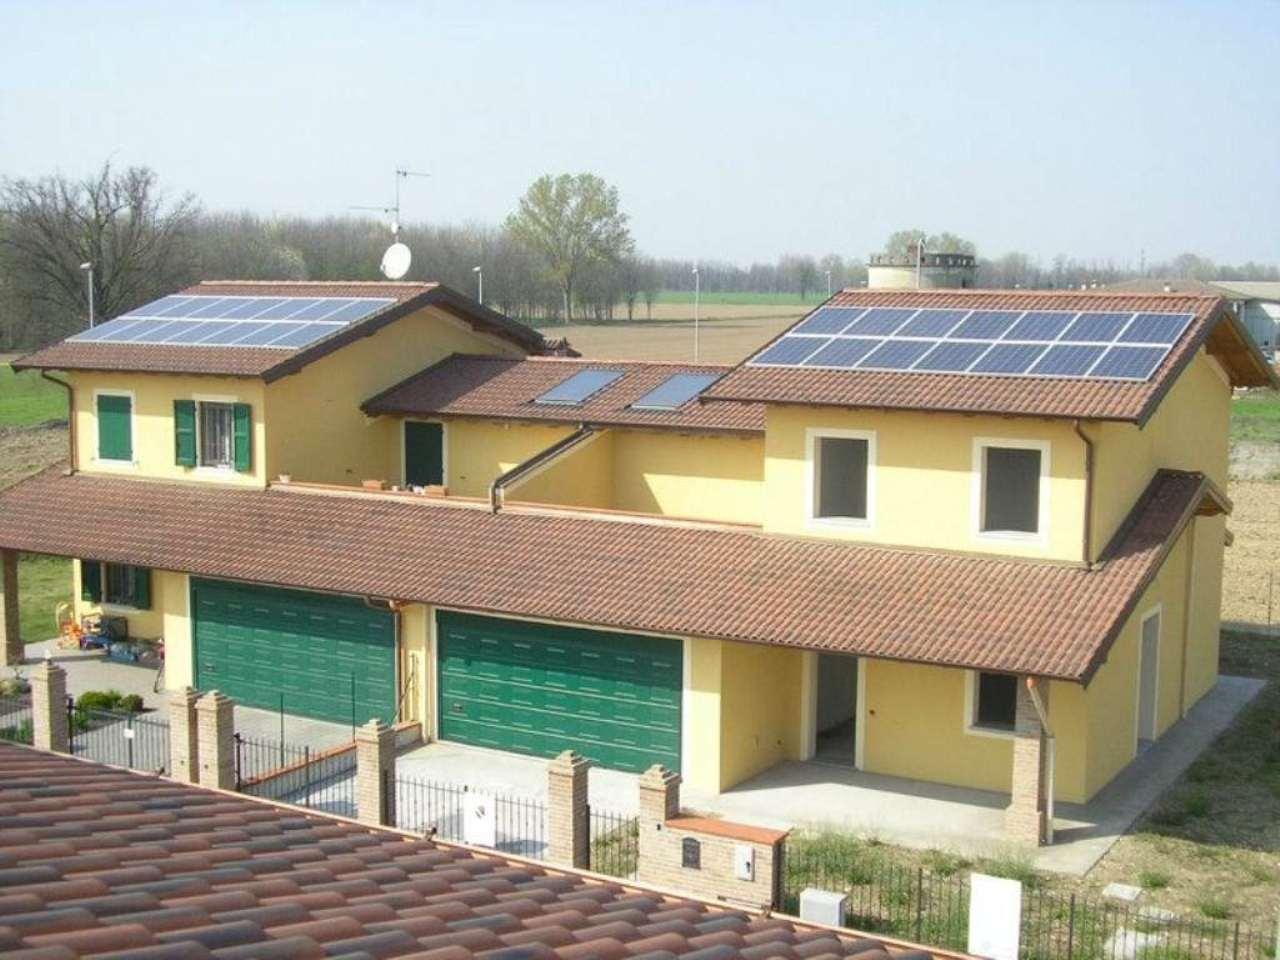 Cantieri residenziali in vendita a san donato milanese for Case in vendita san donato milanese